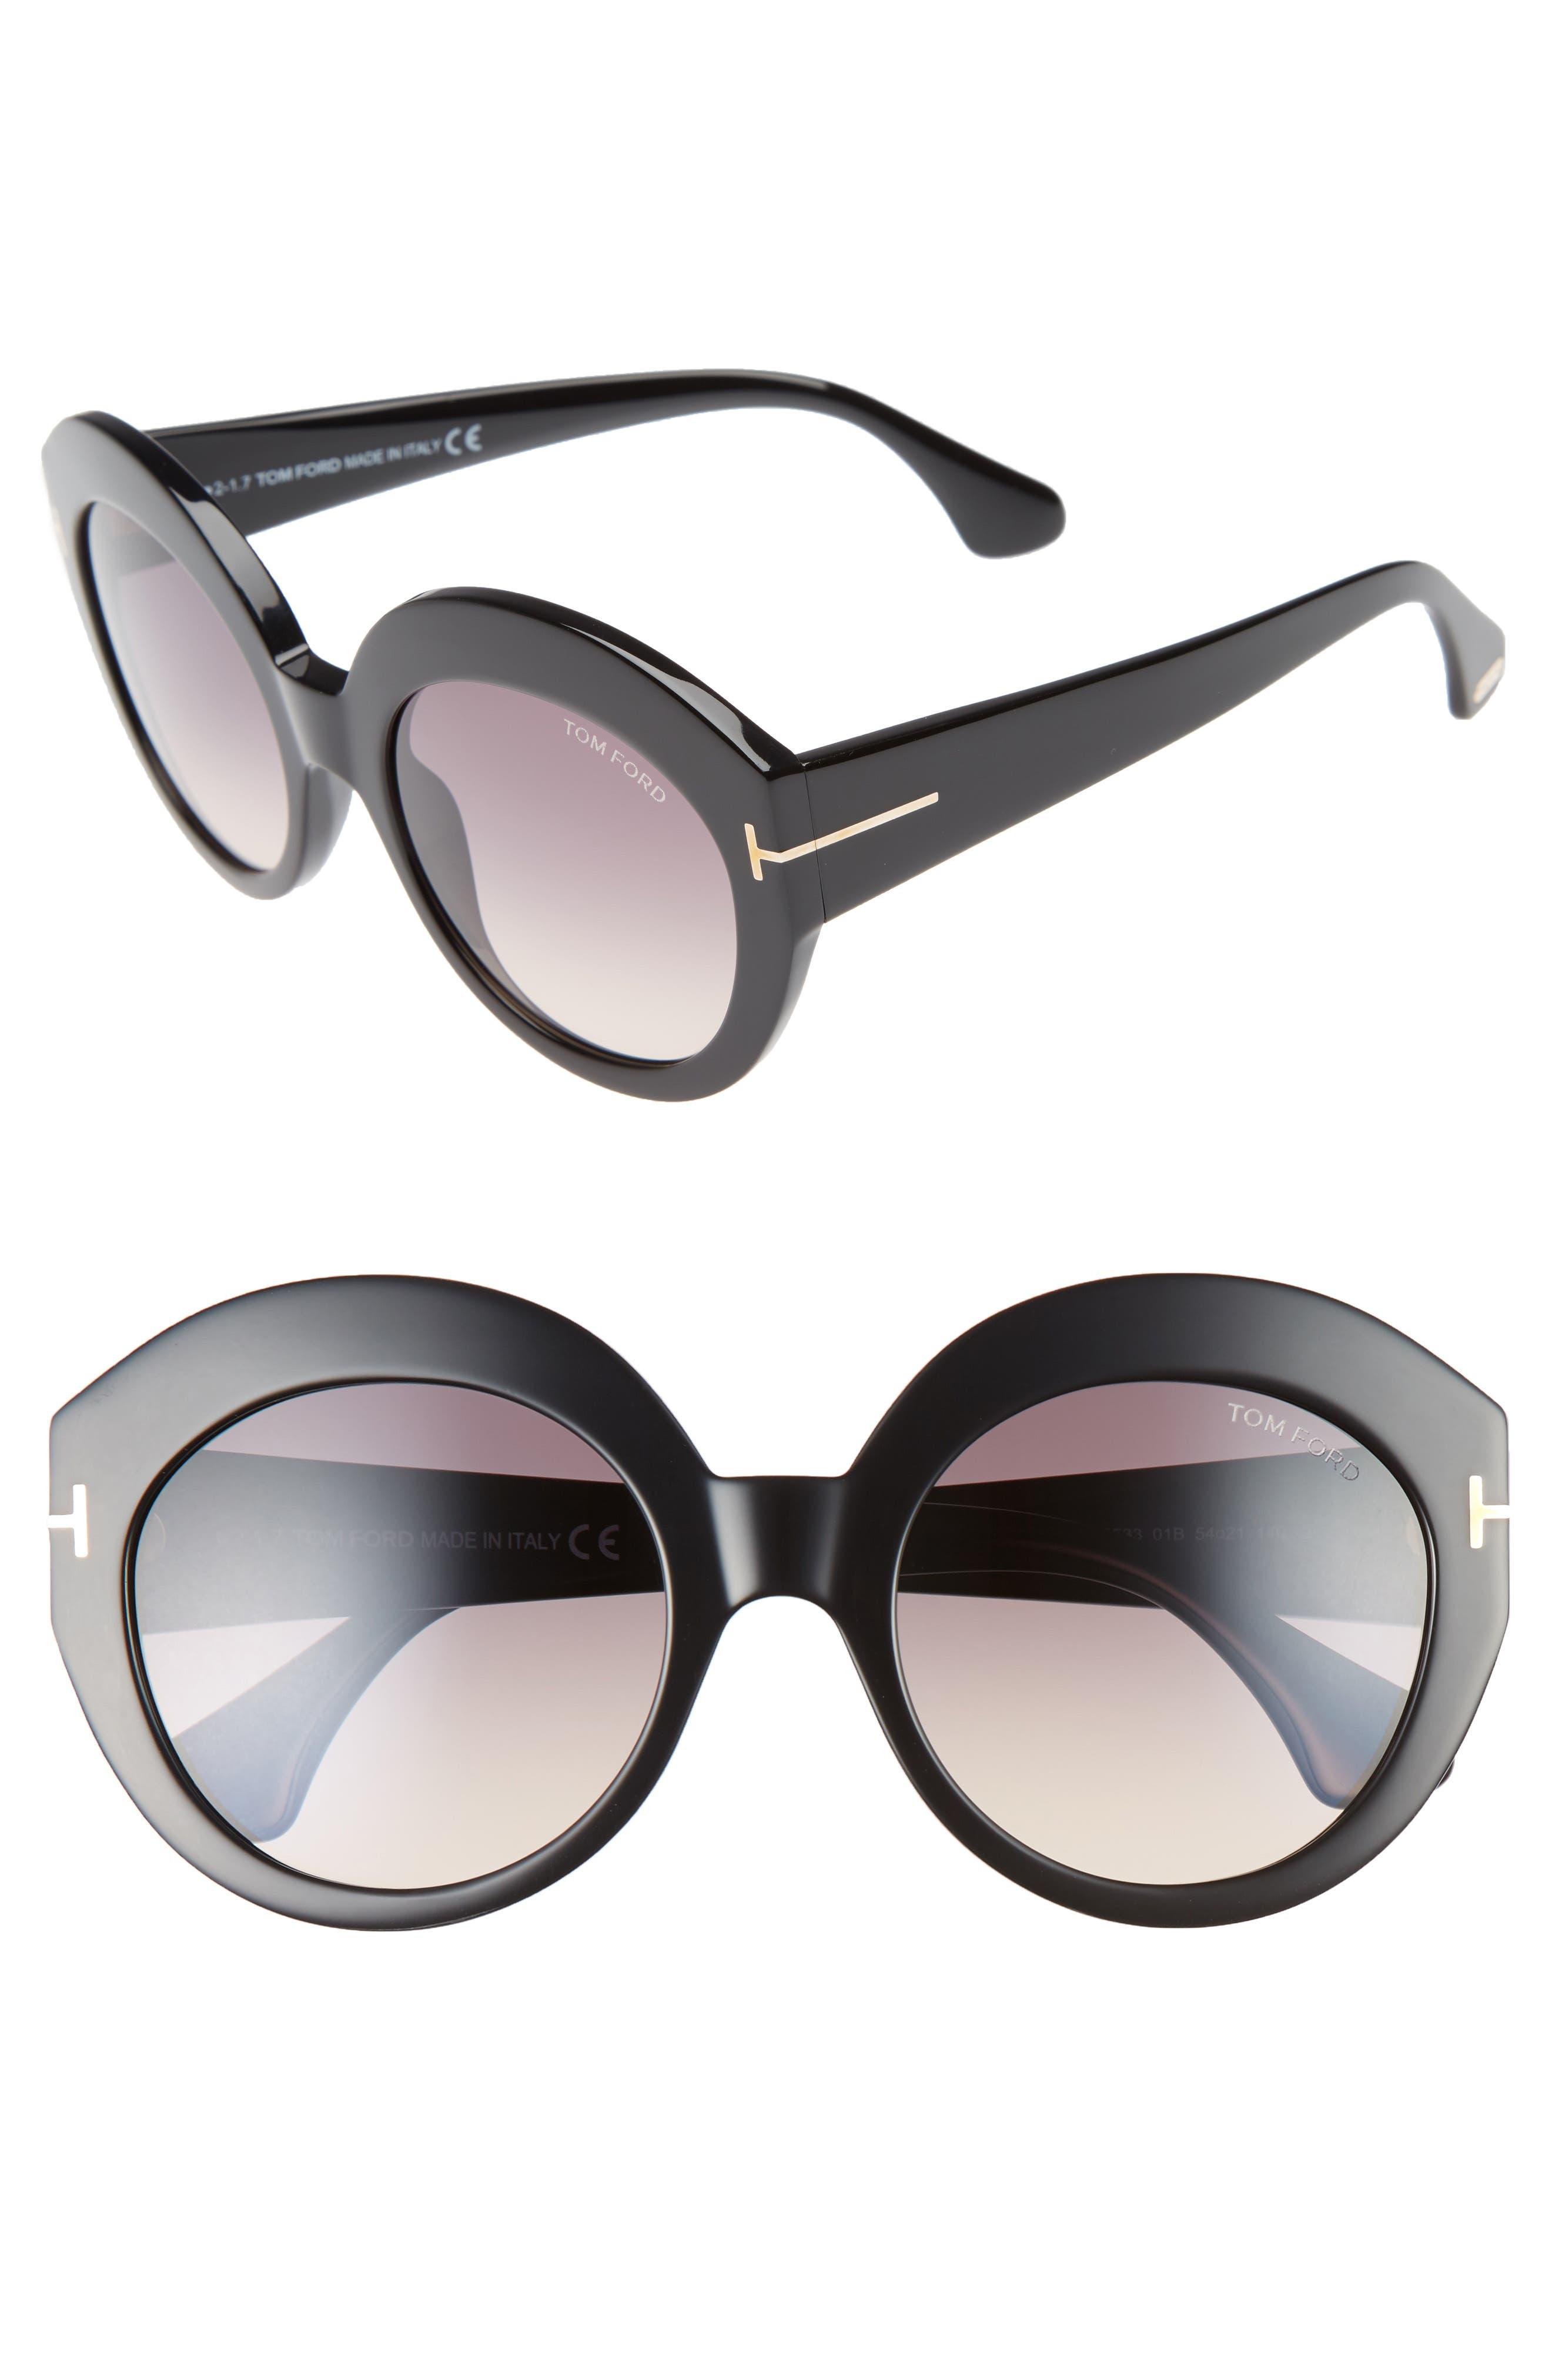 Rachel 54mm Gradient Lens Sunglasses,                             Main thumbnail 1, color,                             001